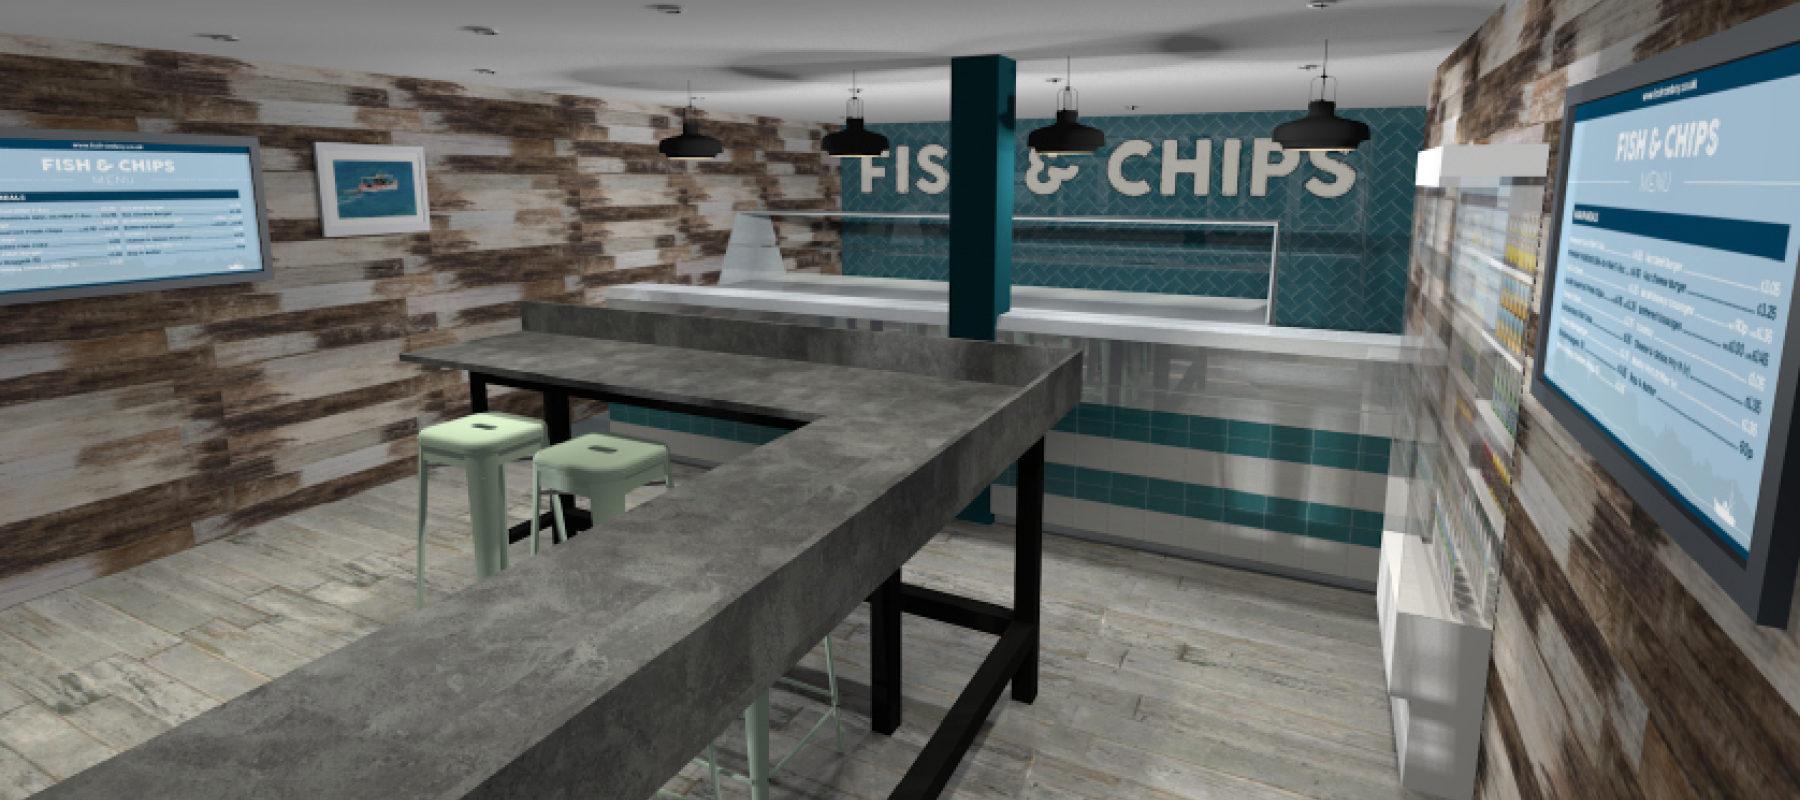 First Look At Ladram Bay S New Chip Shop Fruition Devon Interior Design